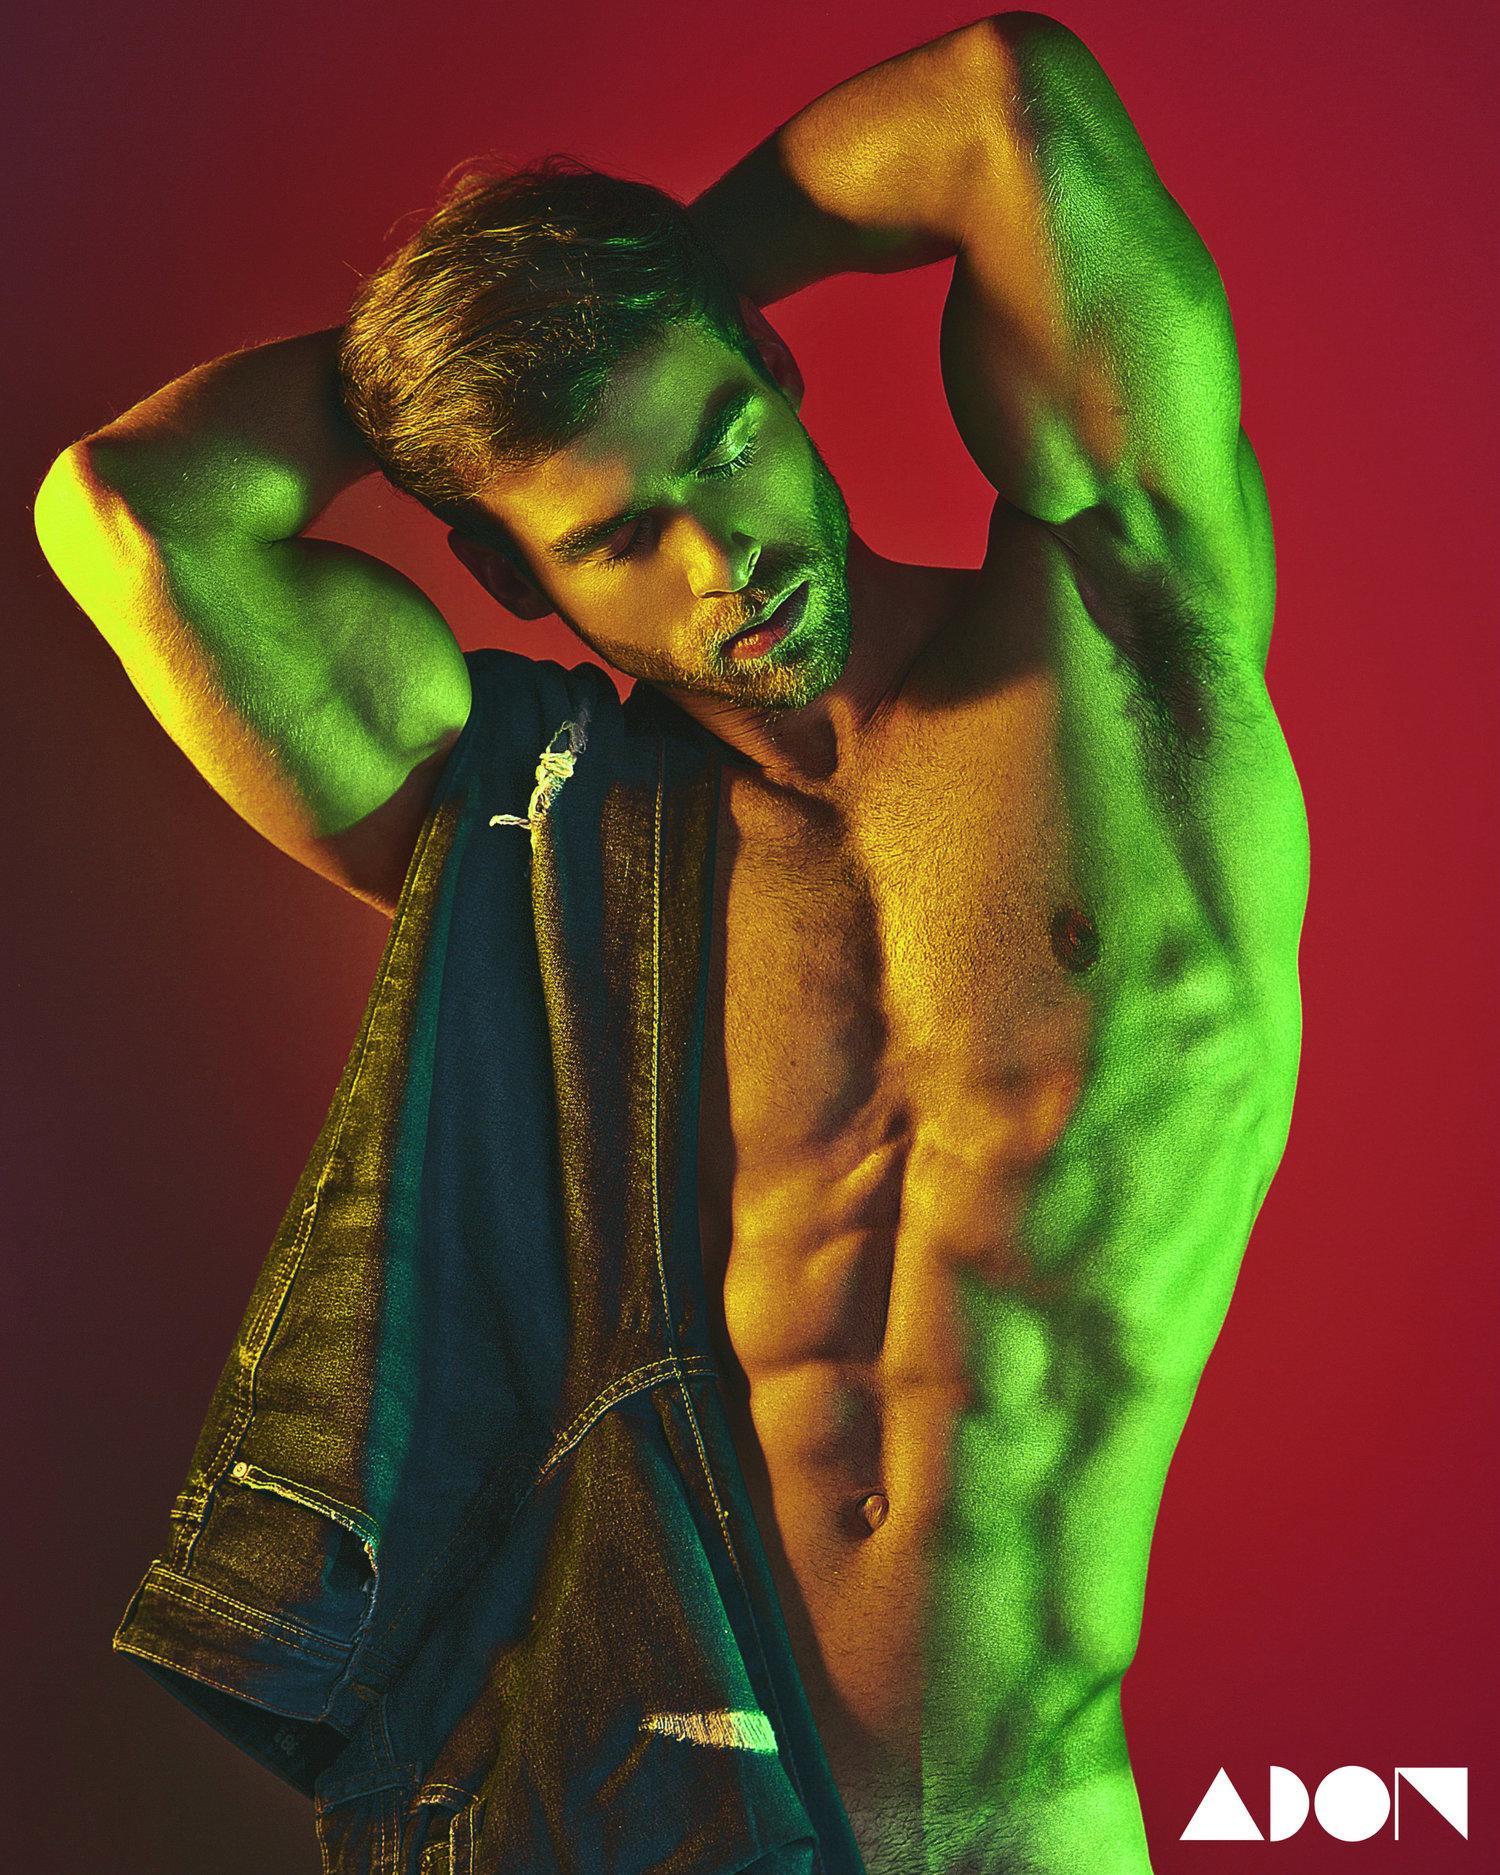 Adon Exclusive: Model David Ortega By Bruno Olvez